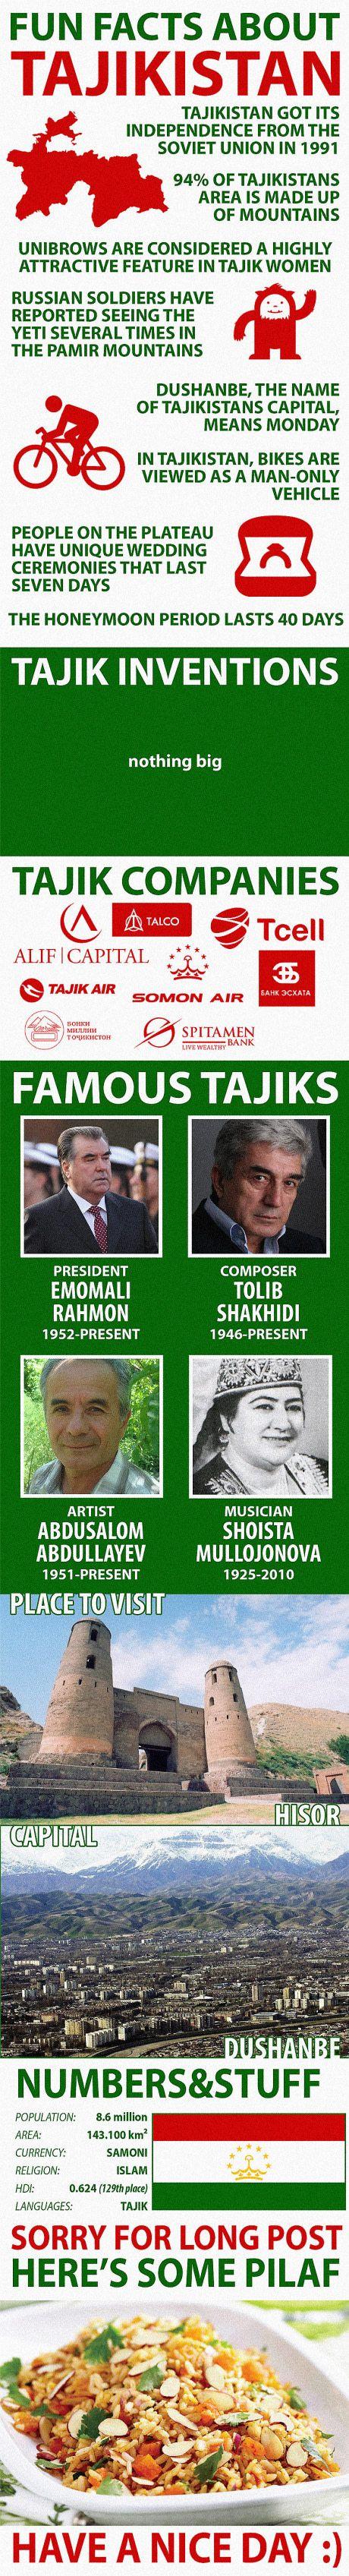 Fun Facts about Tajikistan